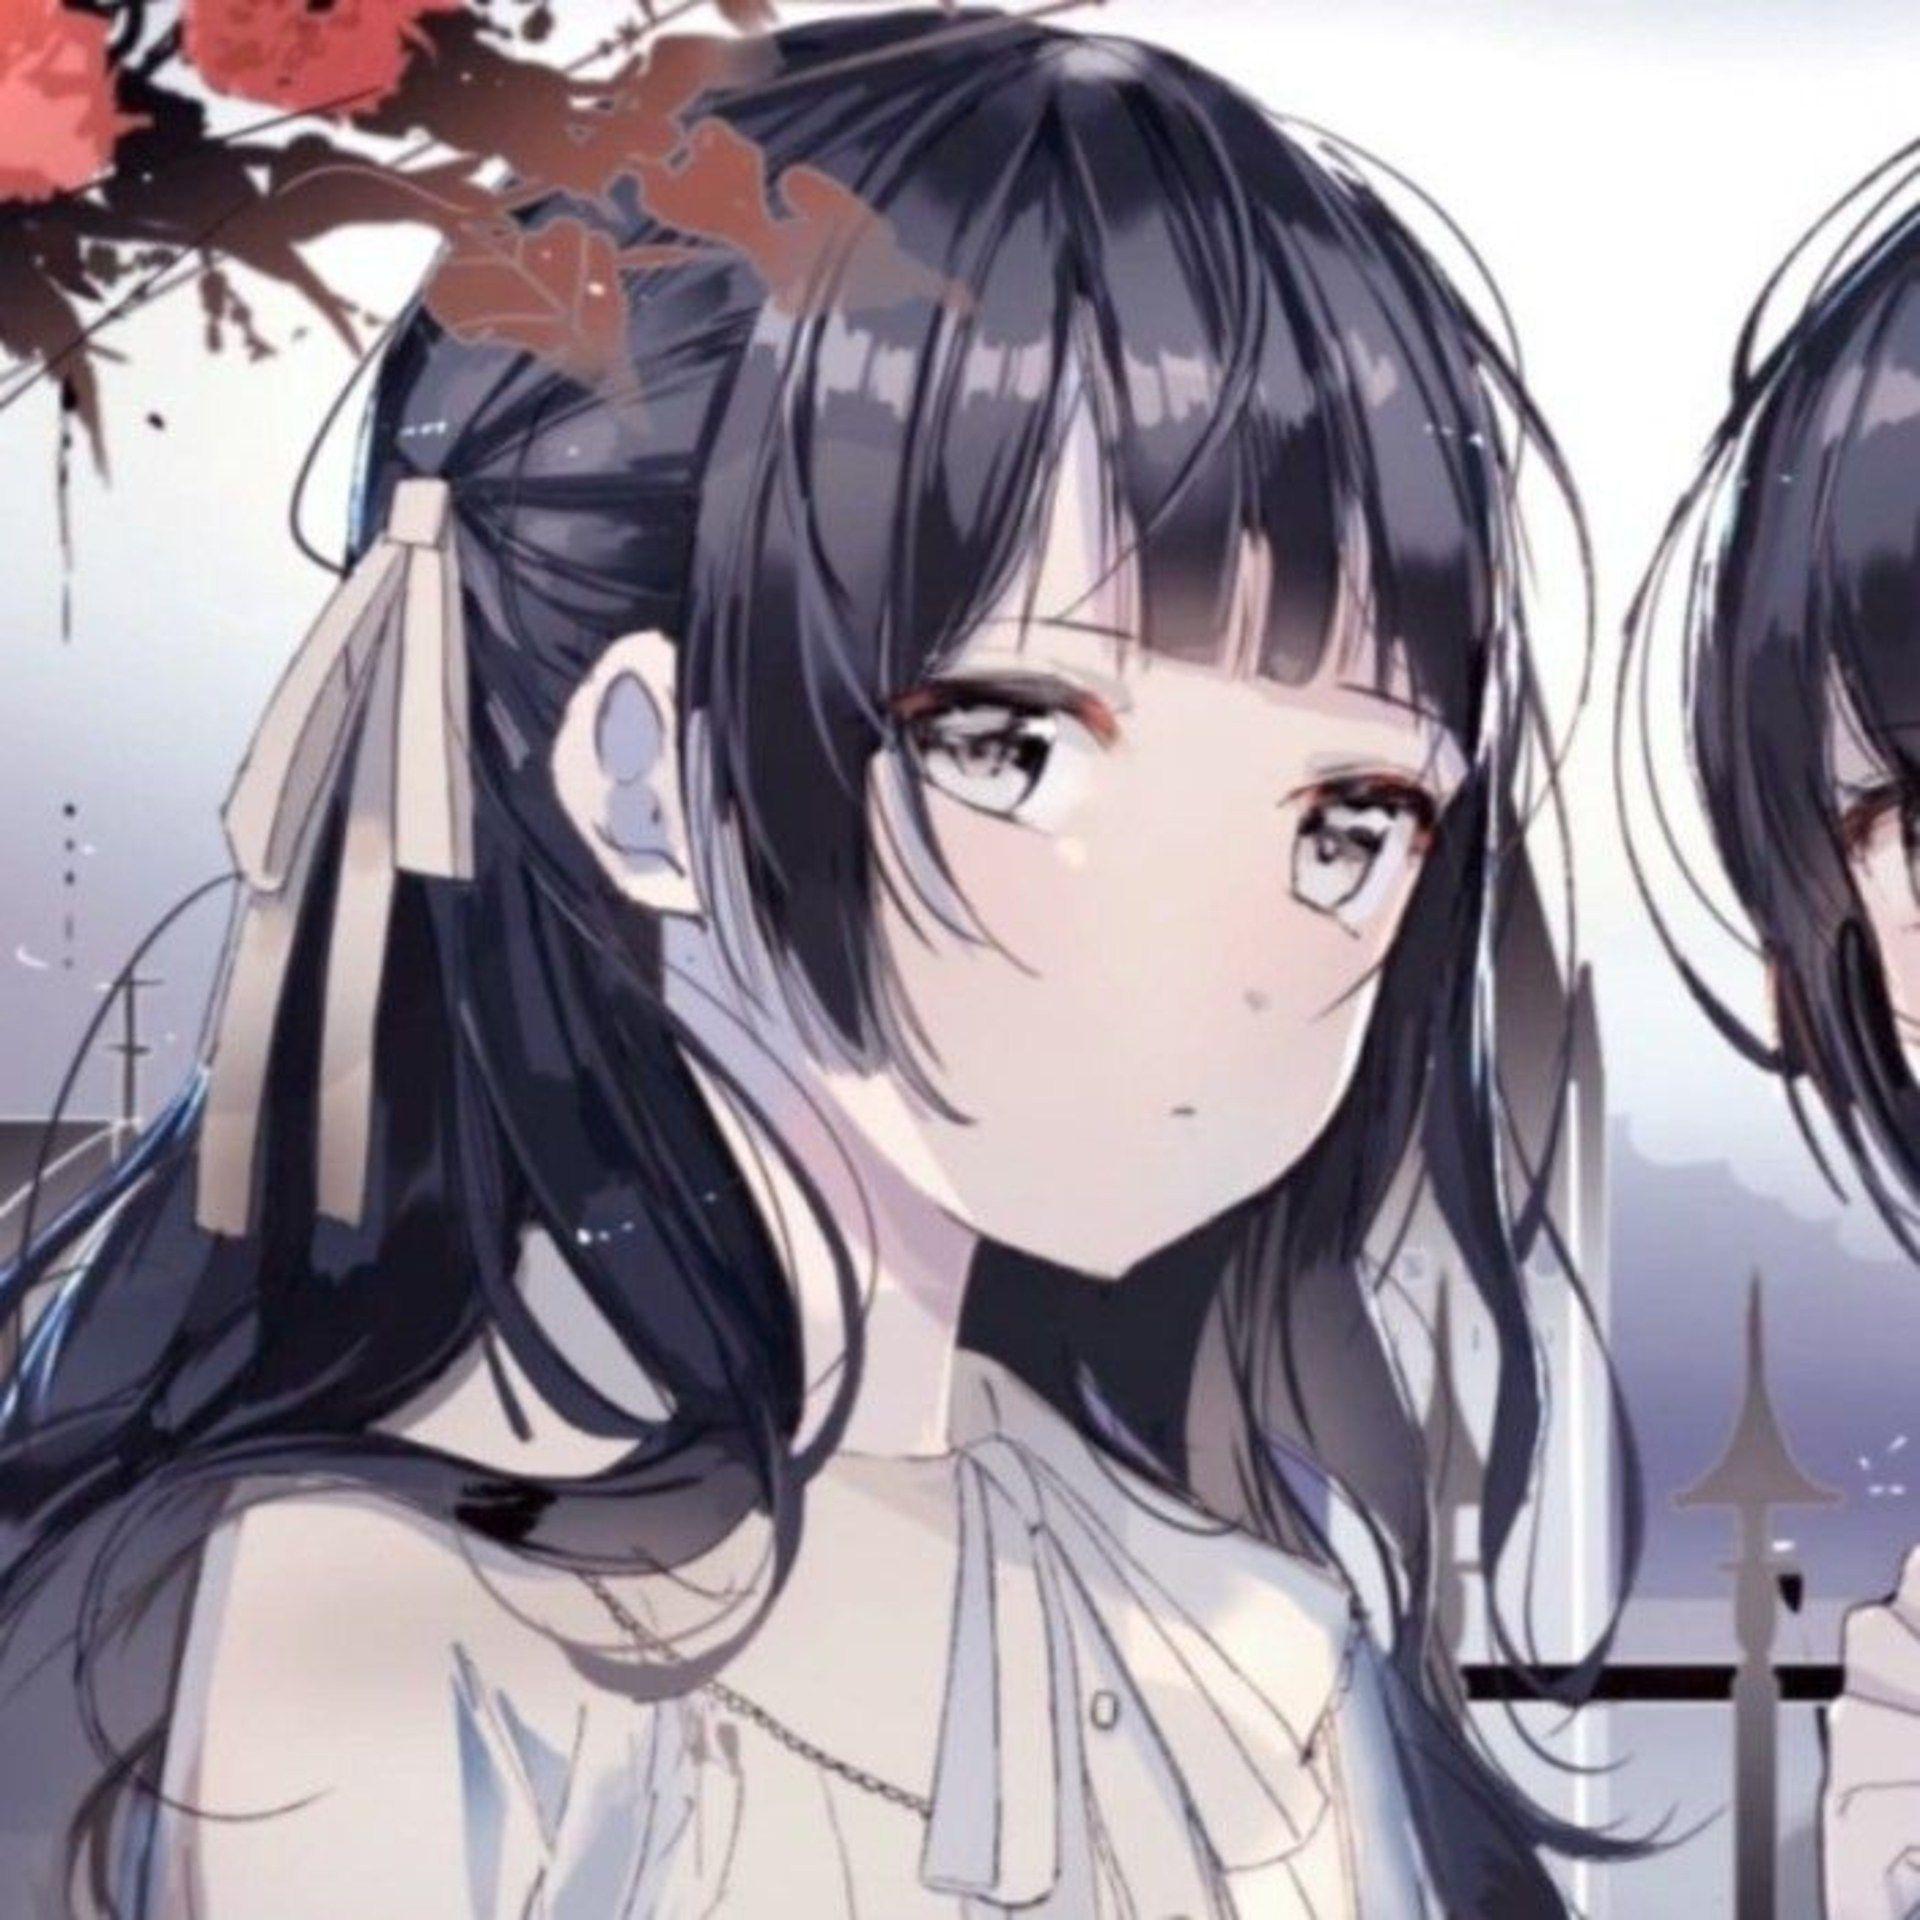 Ghim của Hima trên Avt đôi nữ x nữ Anime